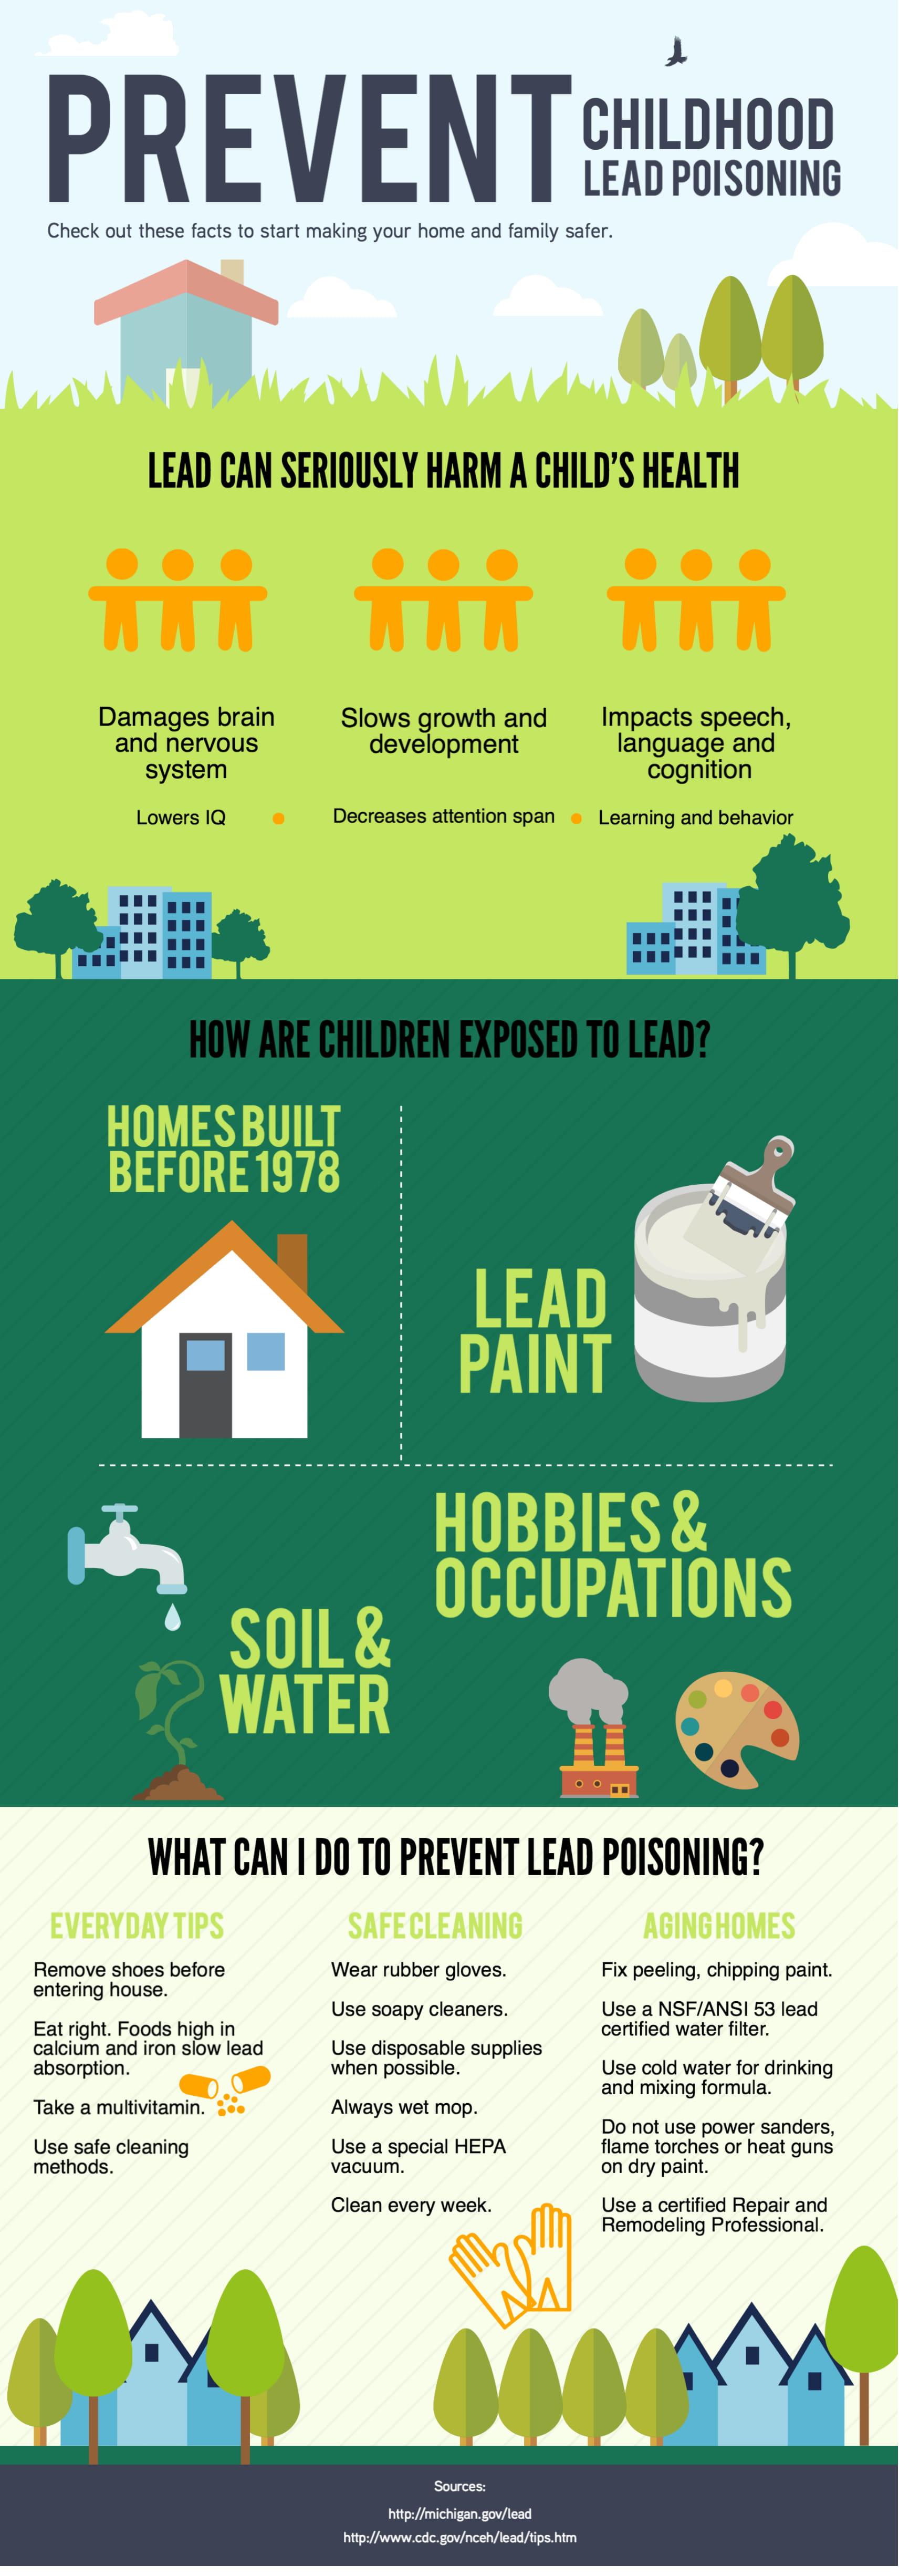 Prevent Lead Poisoning_R001_Oct7-7-1.jpg